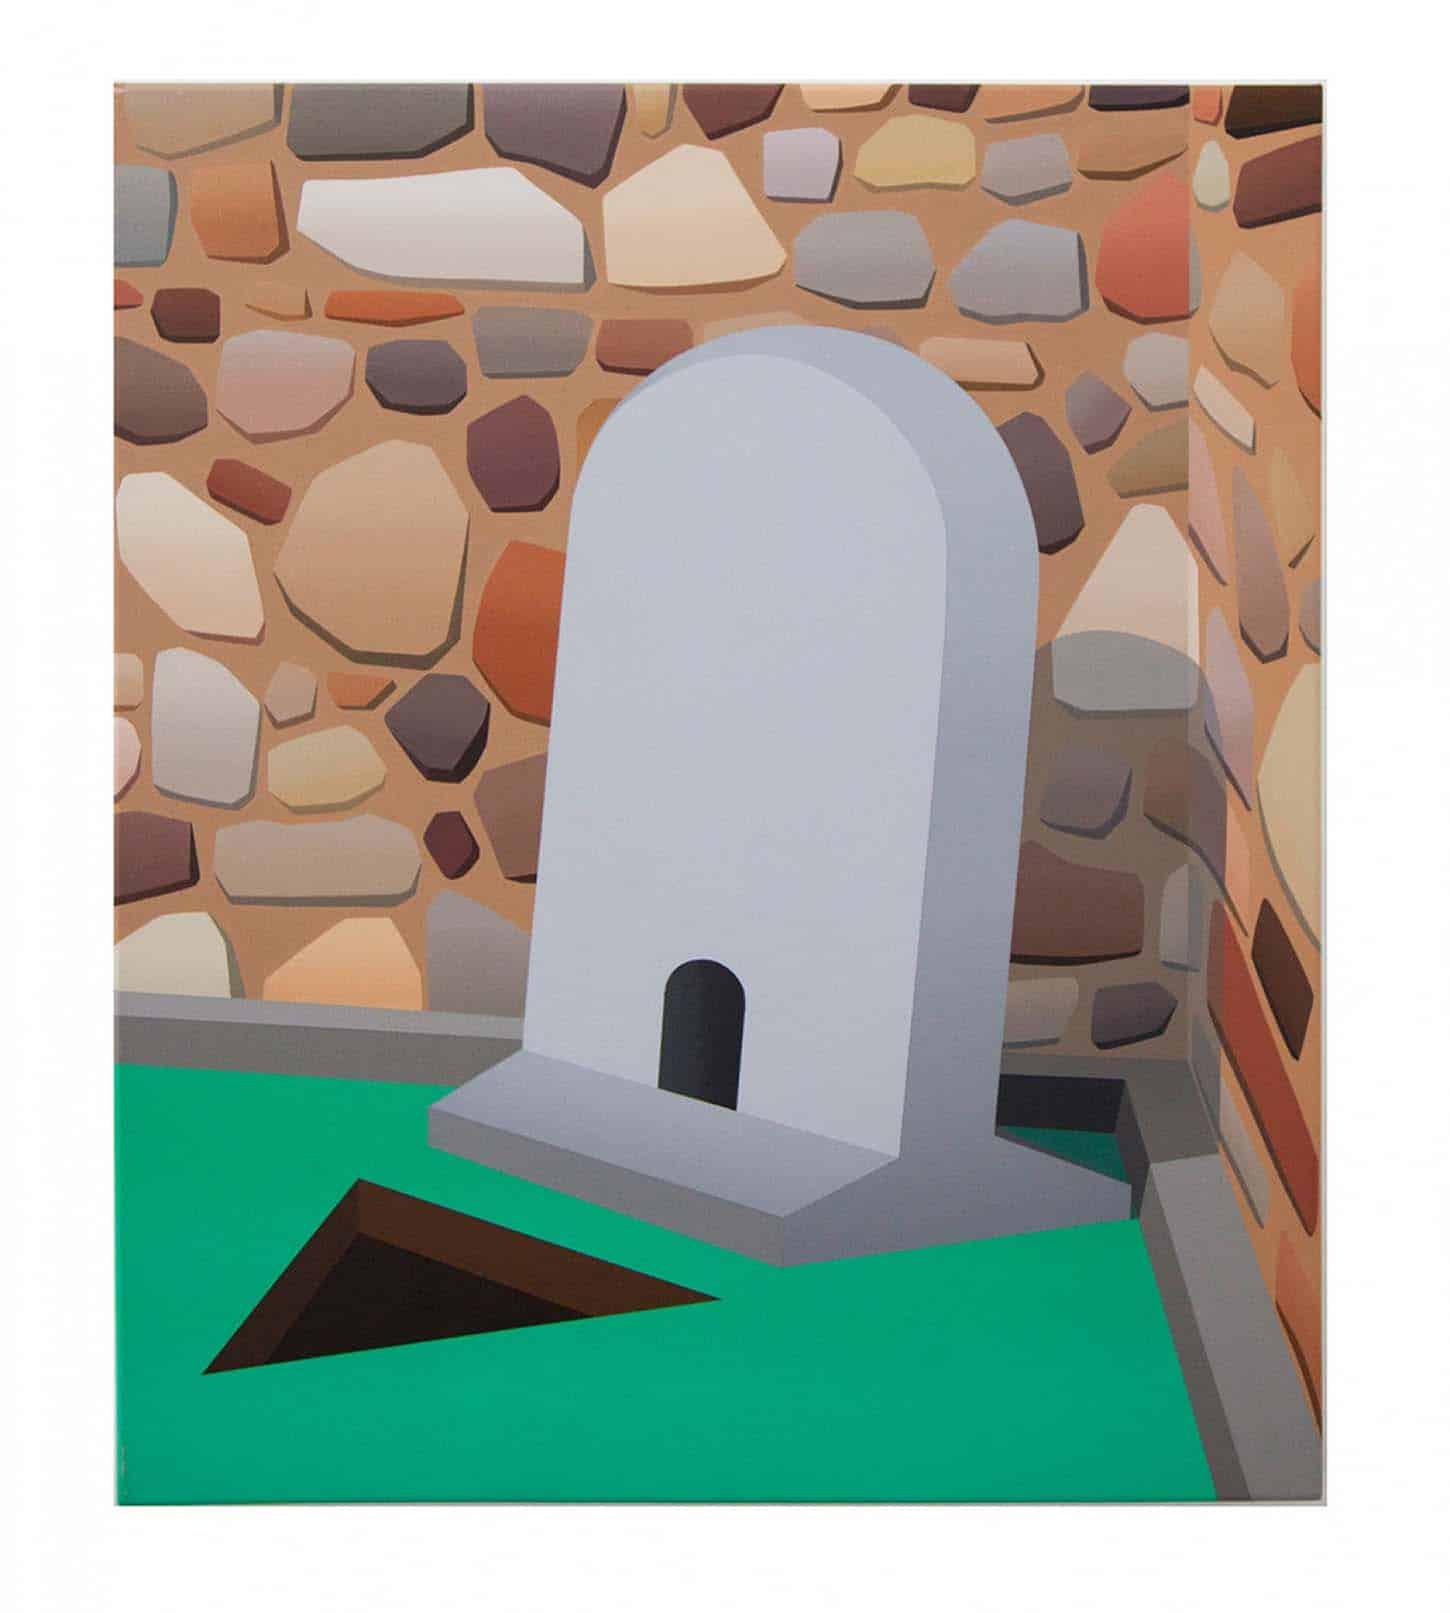 La galerie: La IIIe narine Amélie Bertrand, Sans titre, 2011, Huile sur toile, 70 x 60 cm